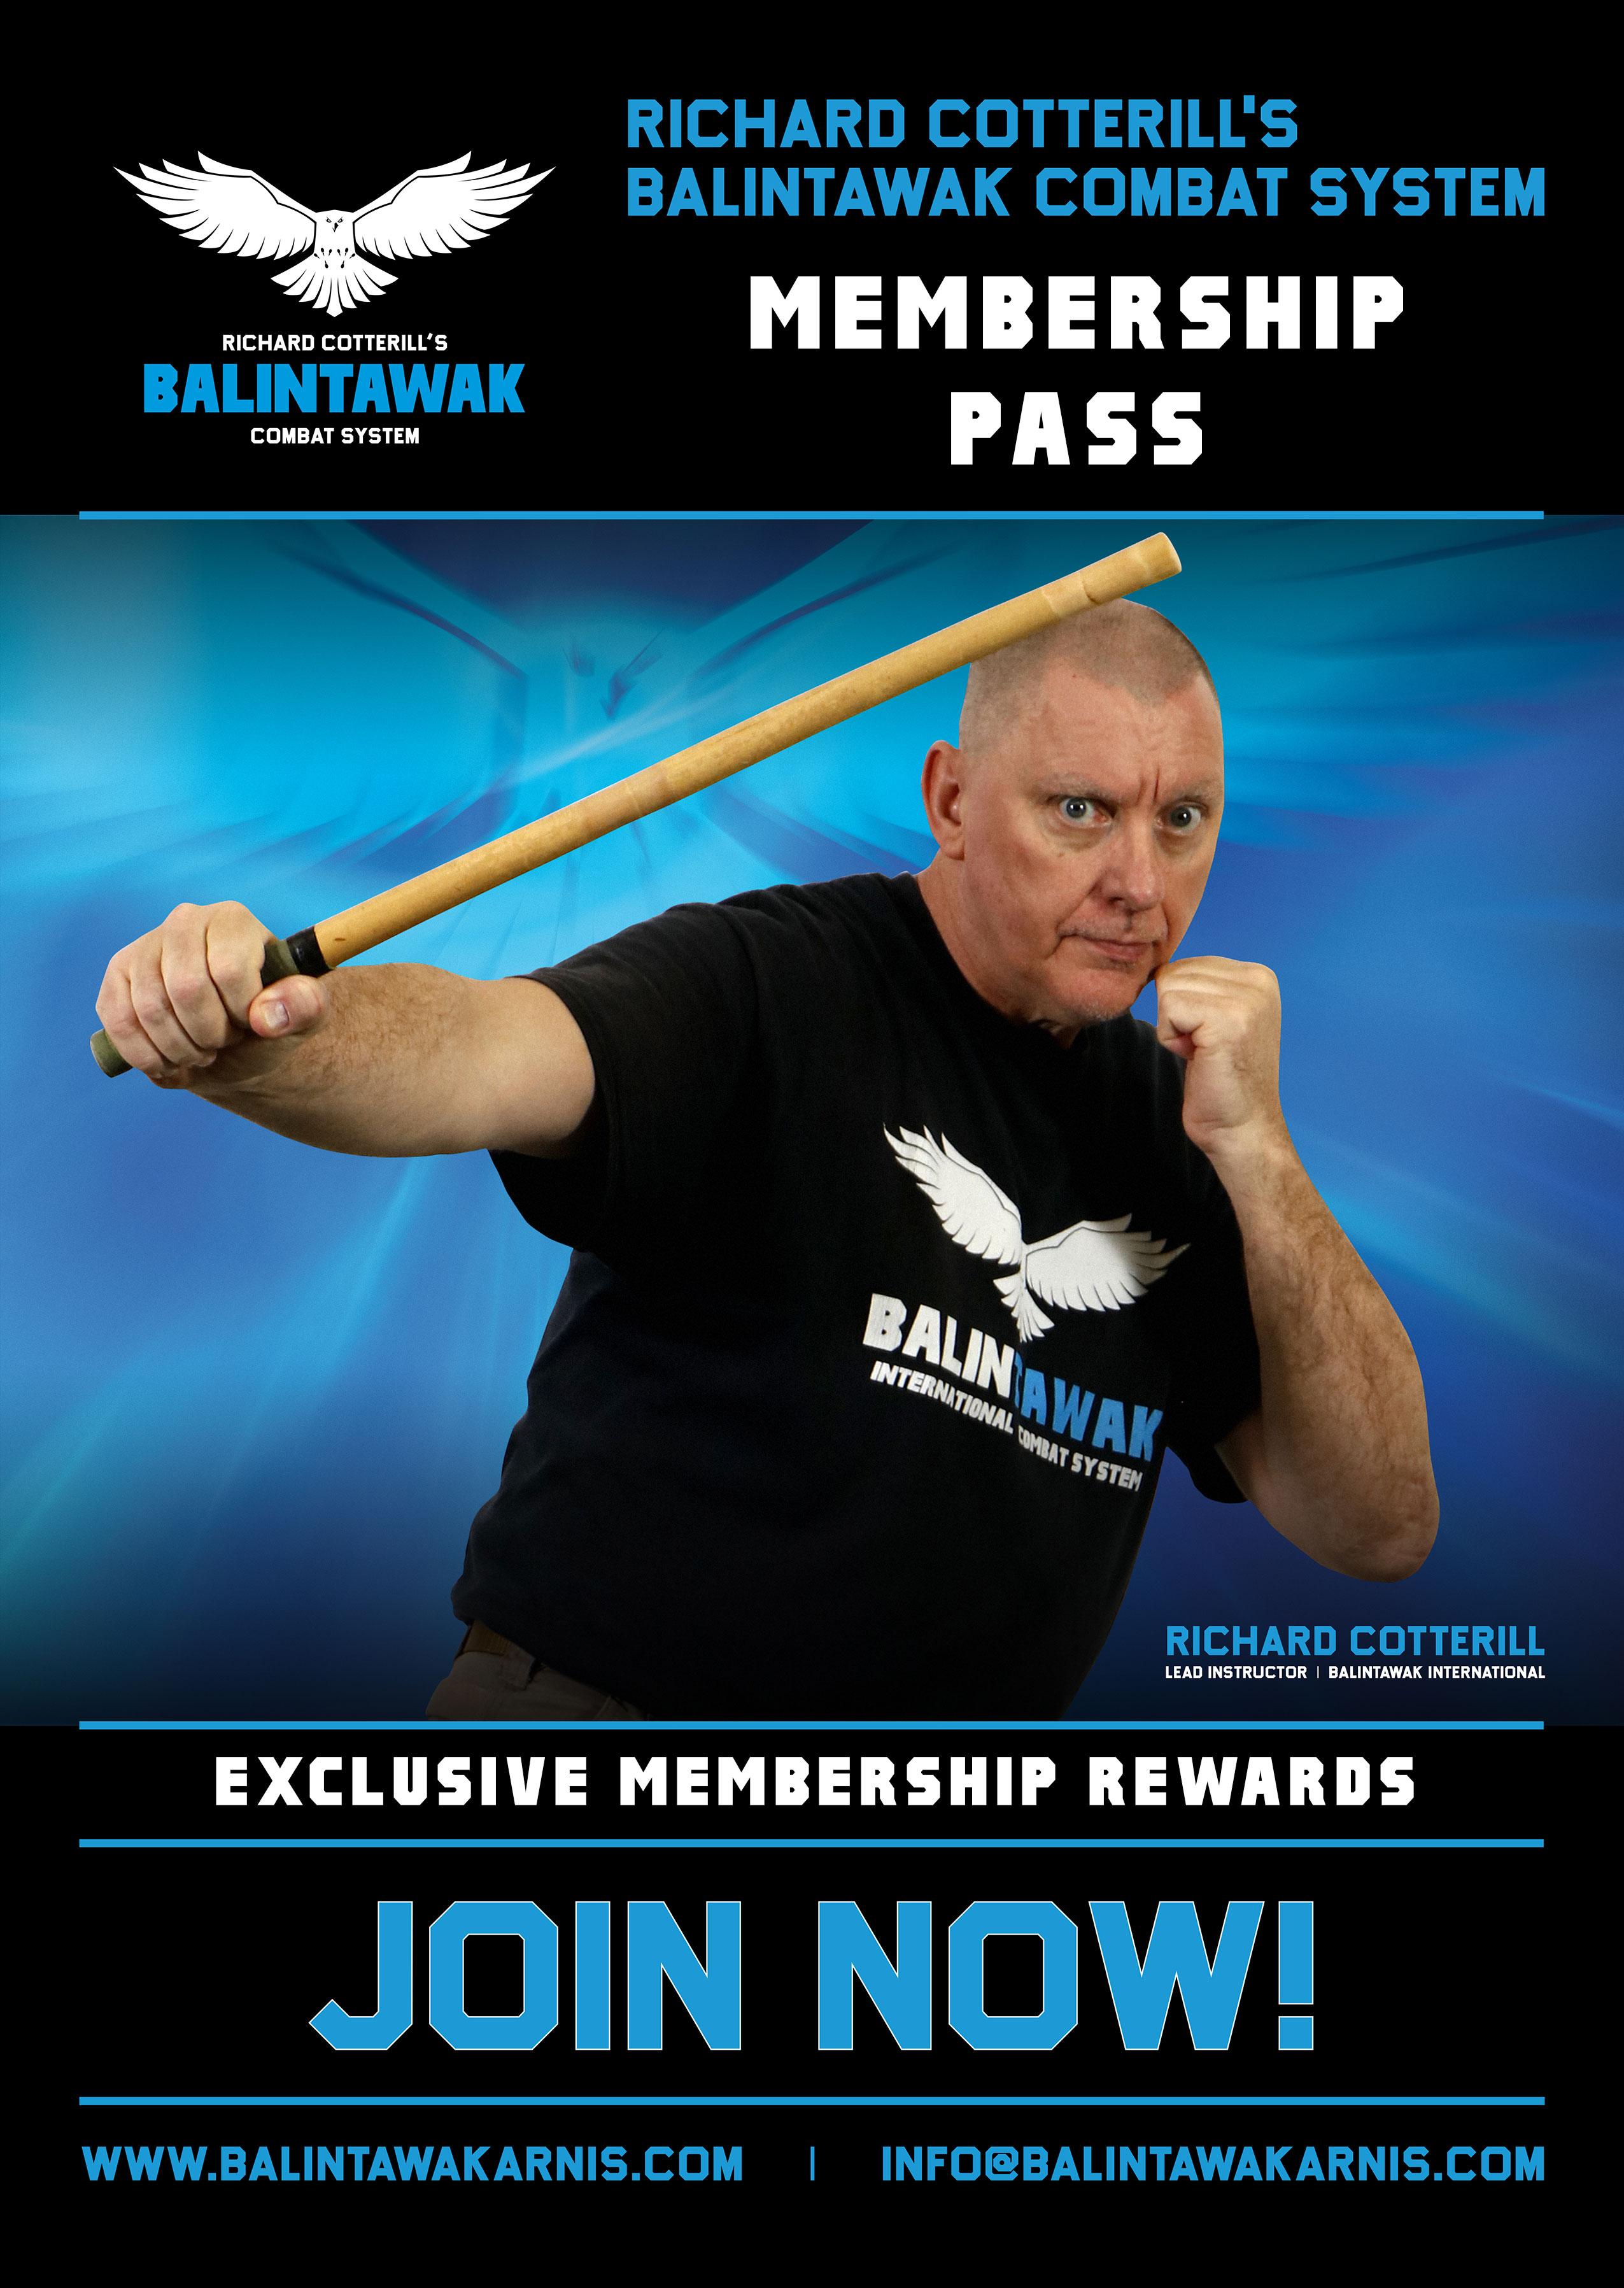 Membership Pass